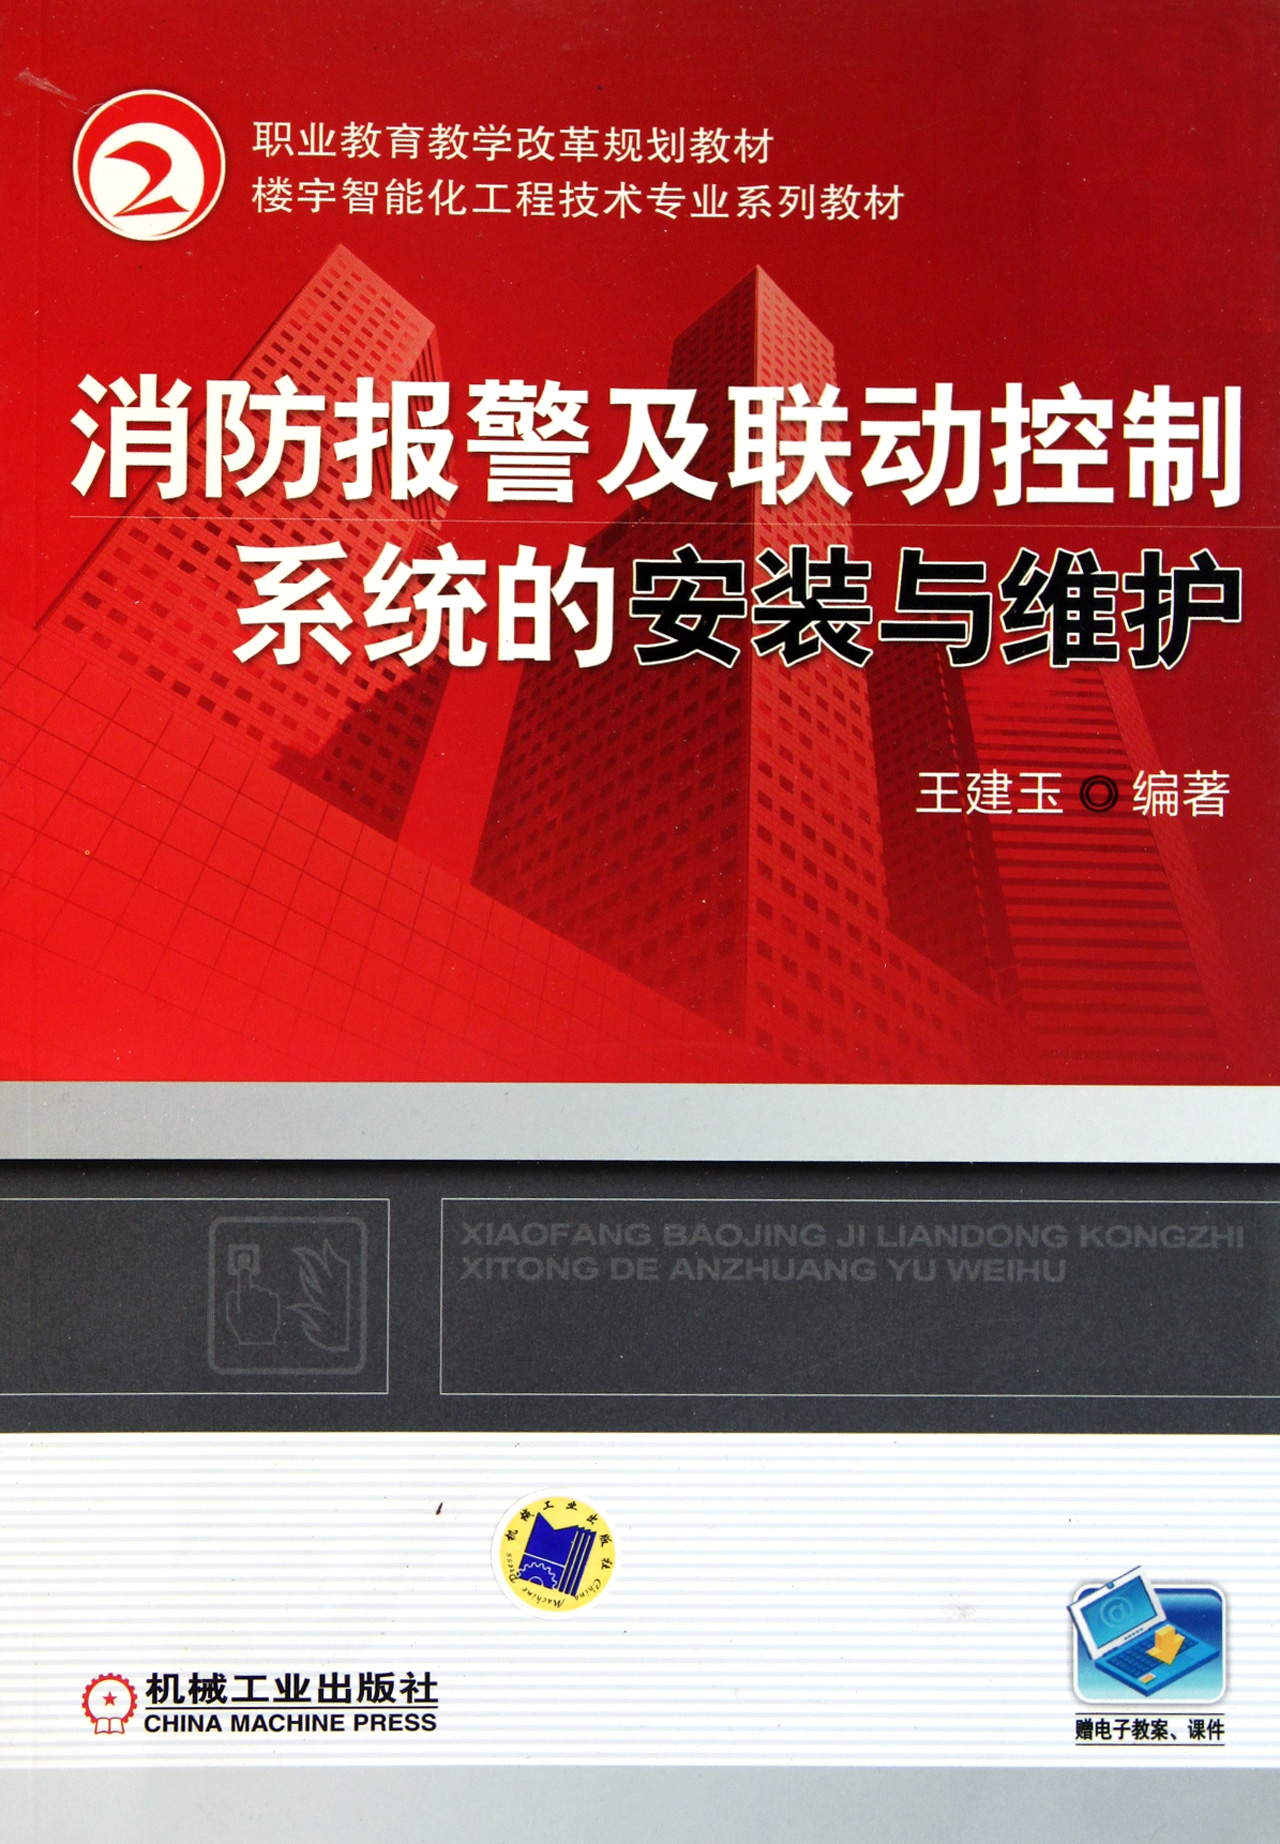 消防报警及联动控制系统的安装与维护(楼宇智能化工程